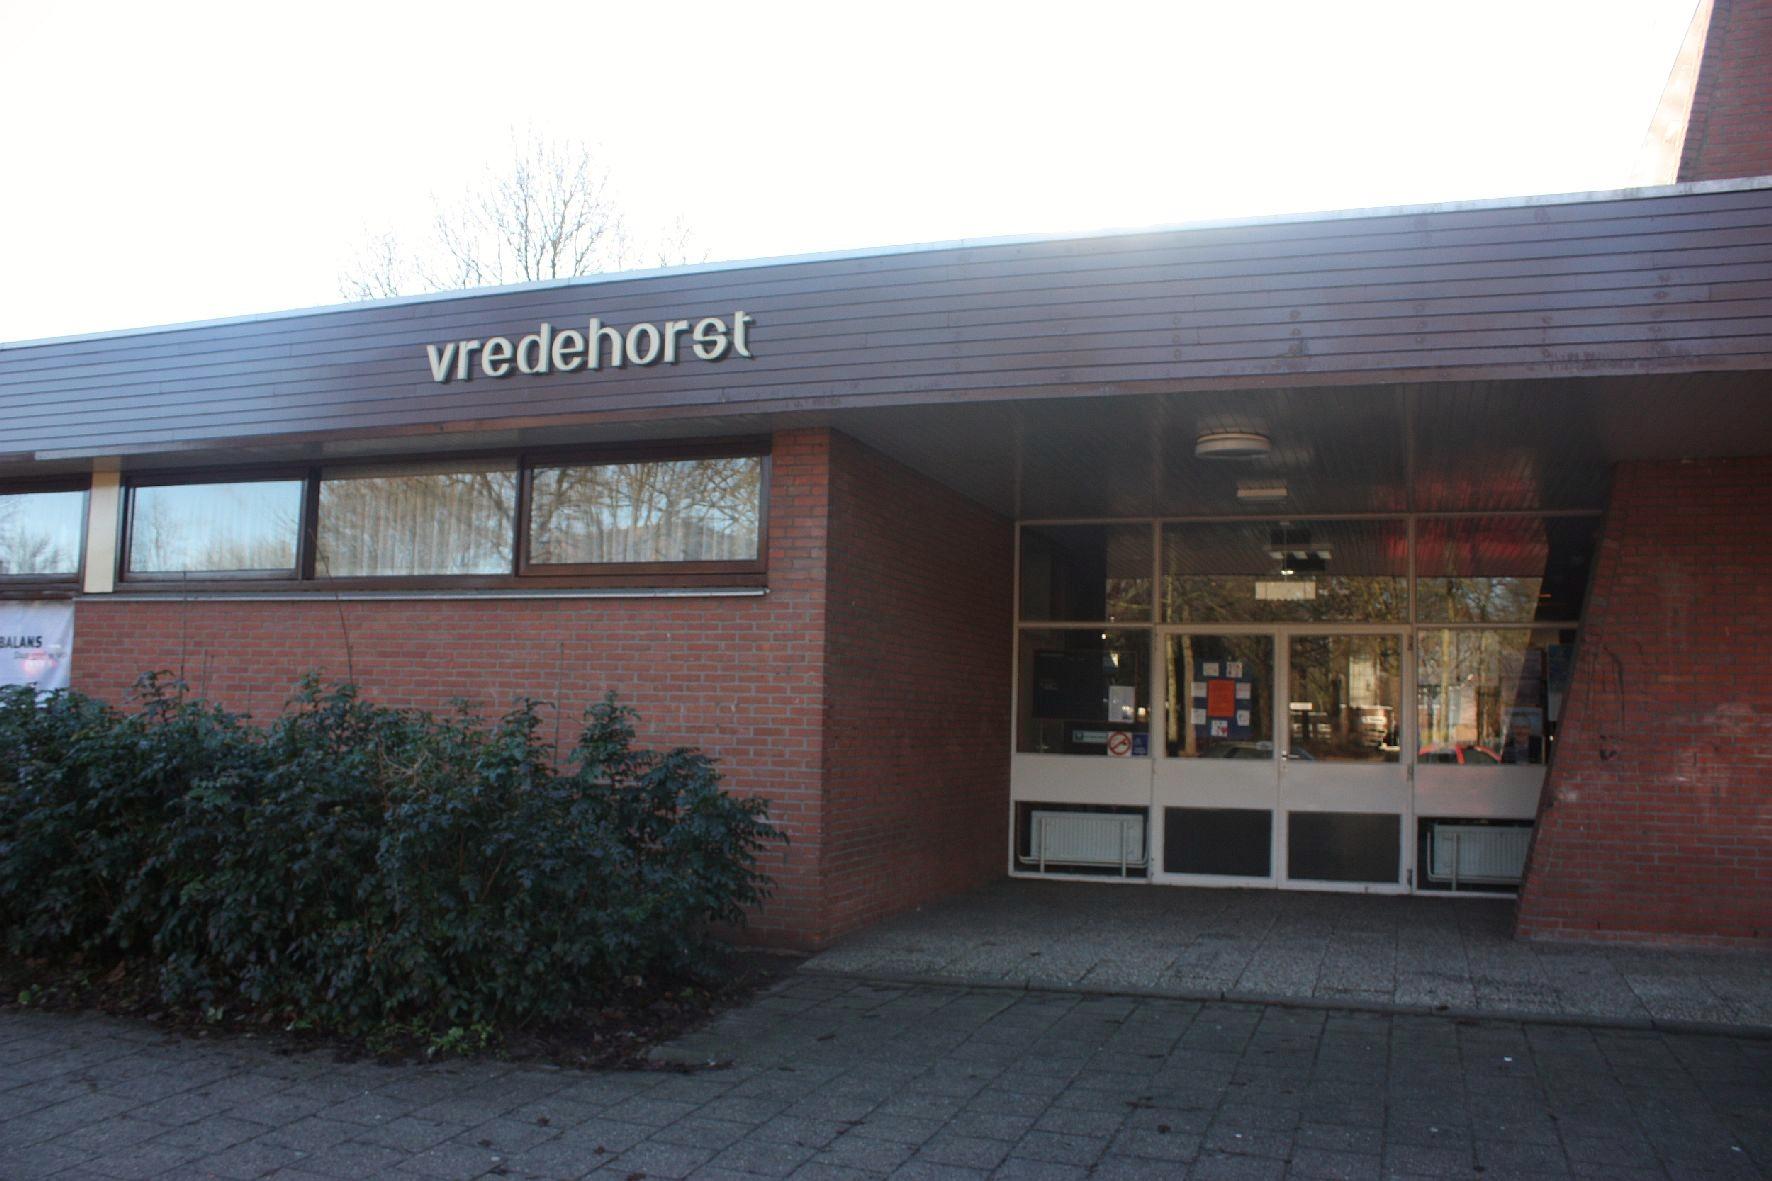 12358_wageningen_pkn-_hervormd_vredehorst_1973_tarthorst_1_gld-_opname_20-01-2011__andre_van_dijk_veenendaal_1